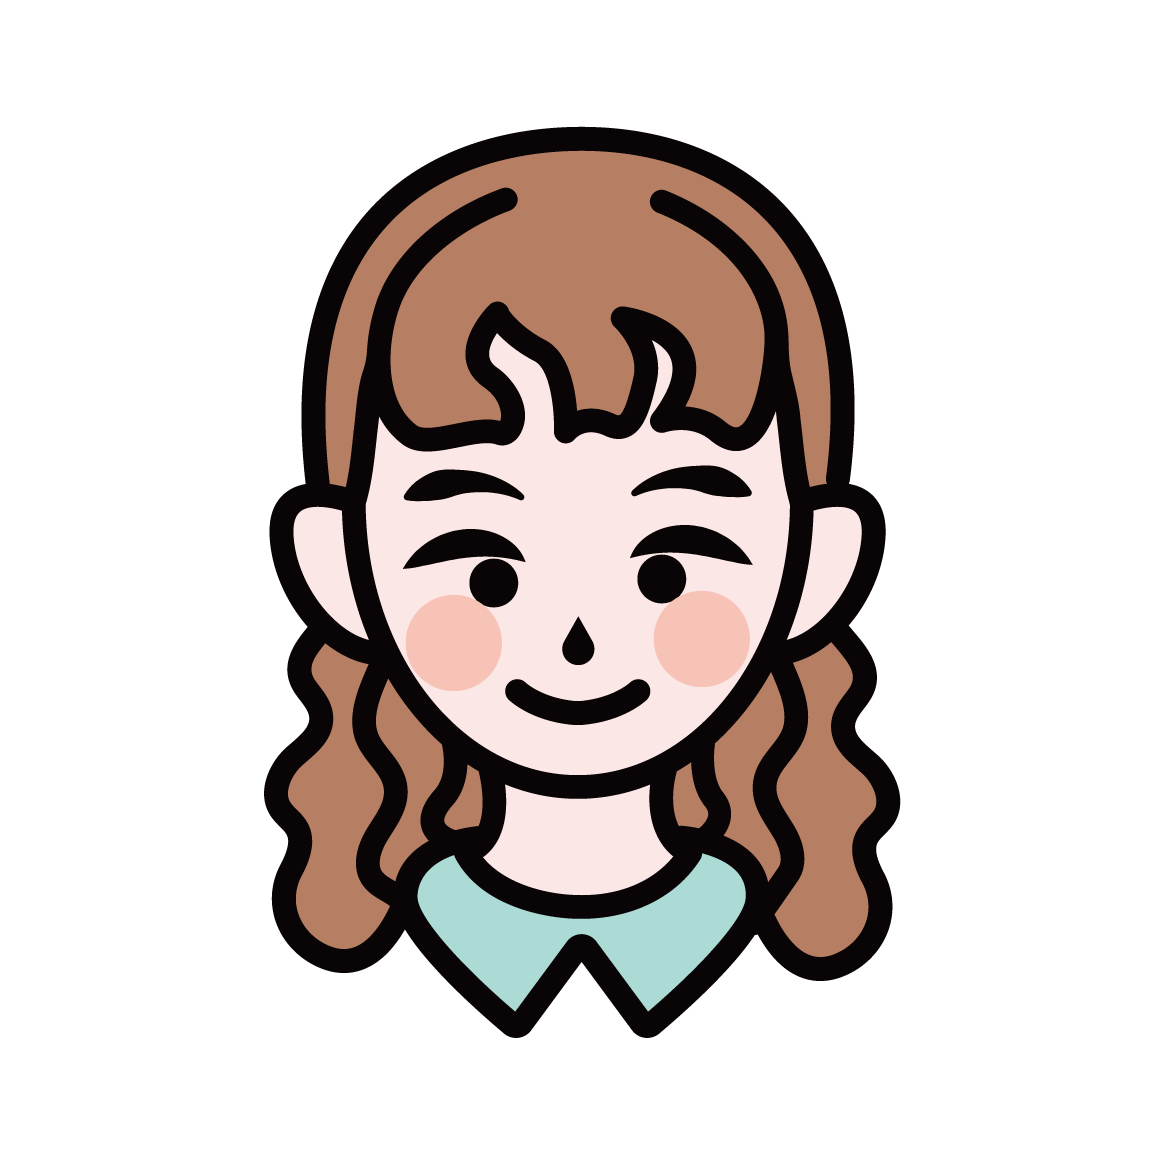 シンプルで可愛い似顔絵アイコン作ります ビジネスにも使用できる万人受けデザイン! イメージ1